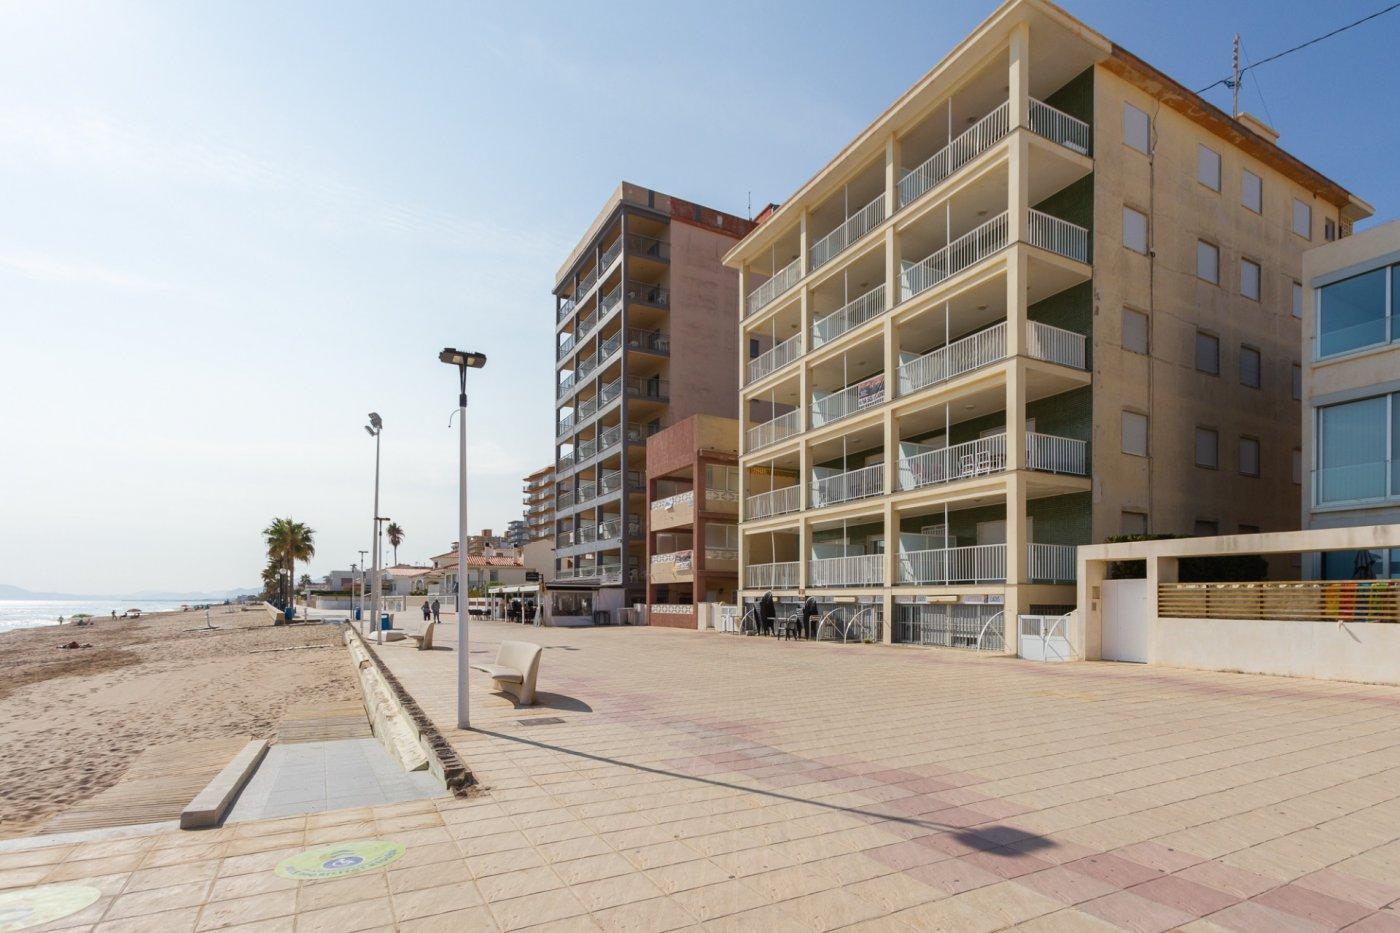 Fabuloso apartamento a 120 metros de la playa. - imagenInmueble3